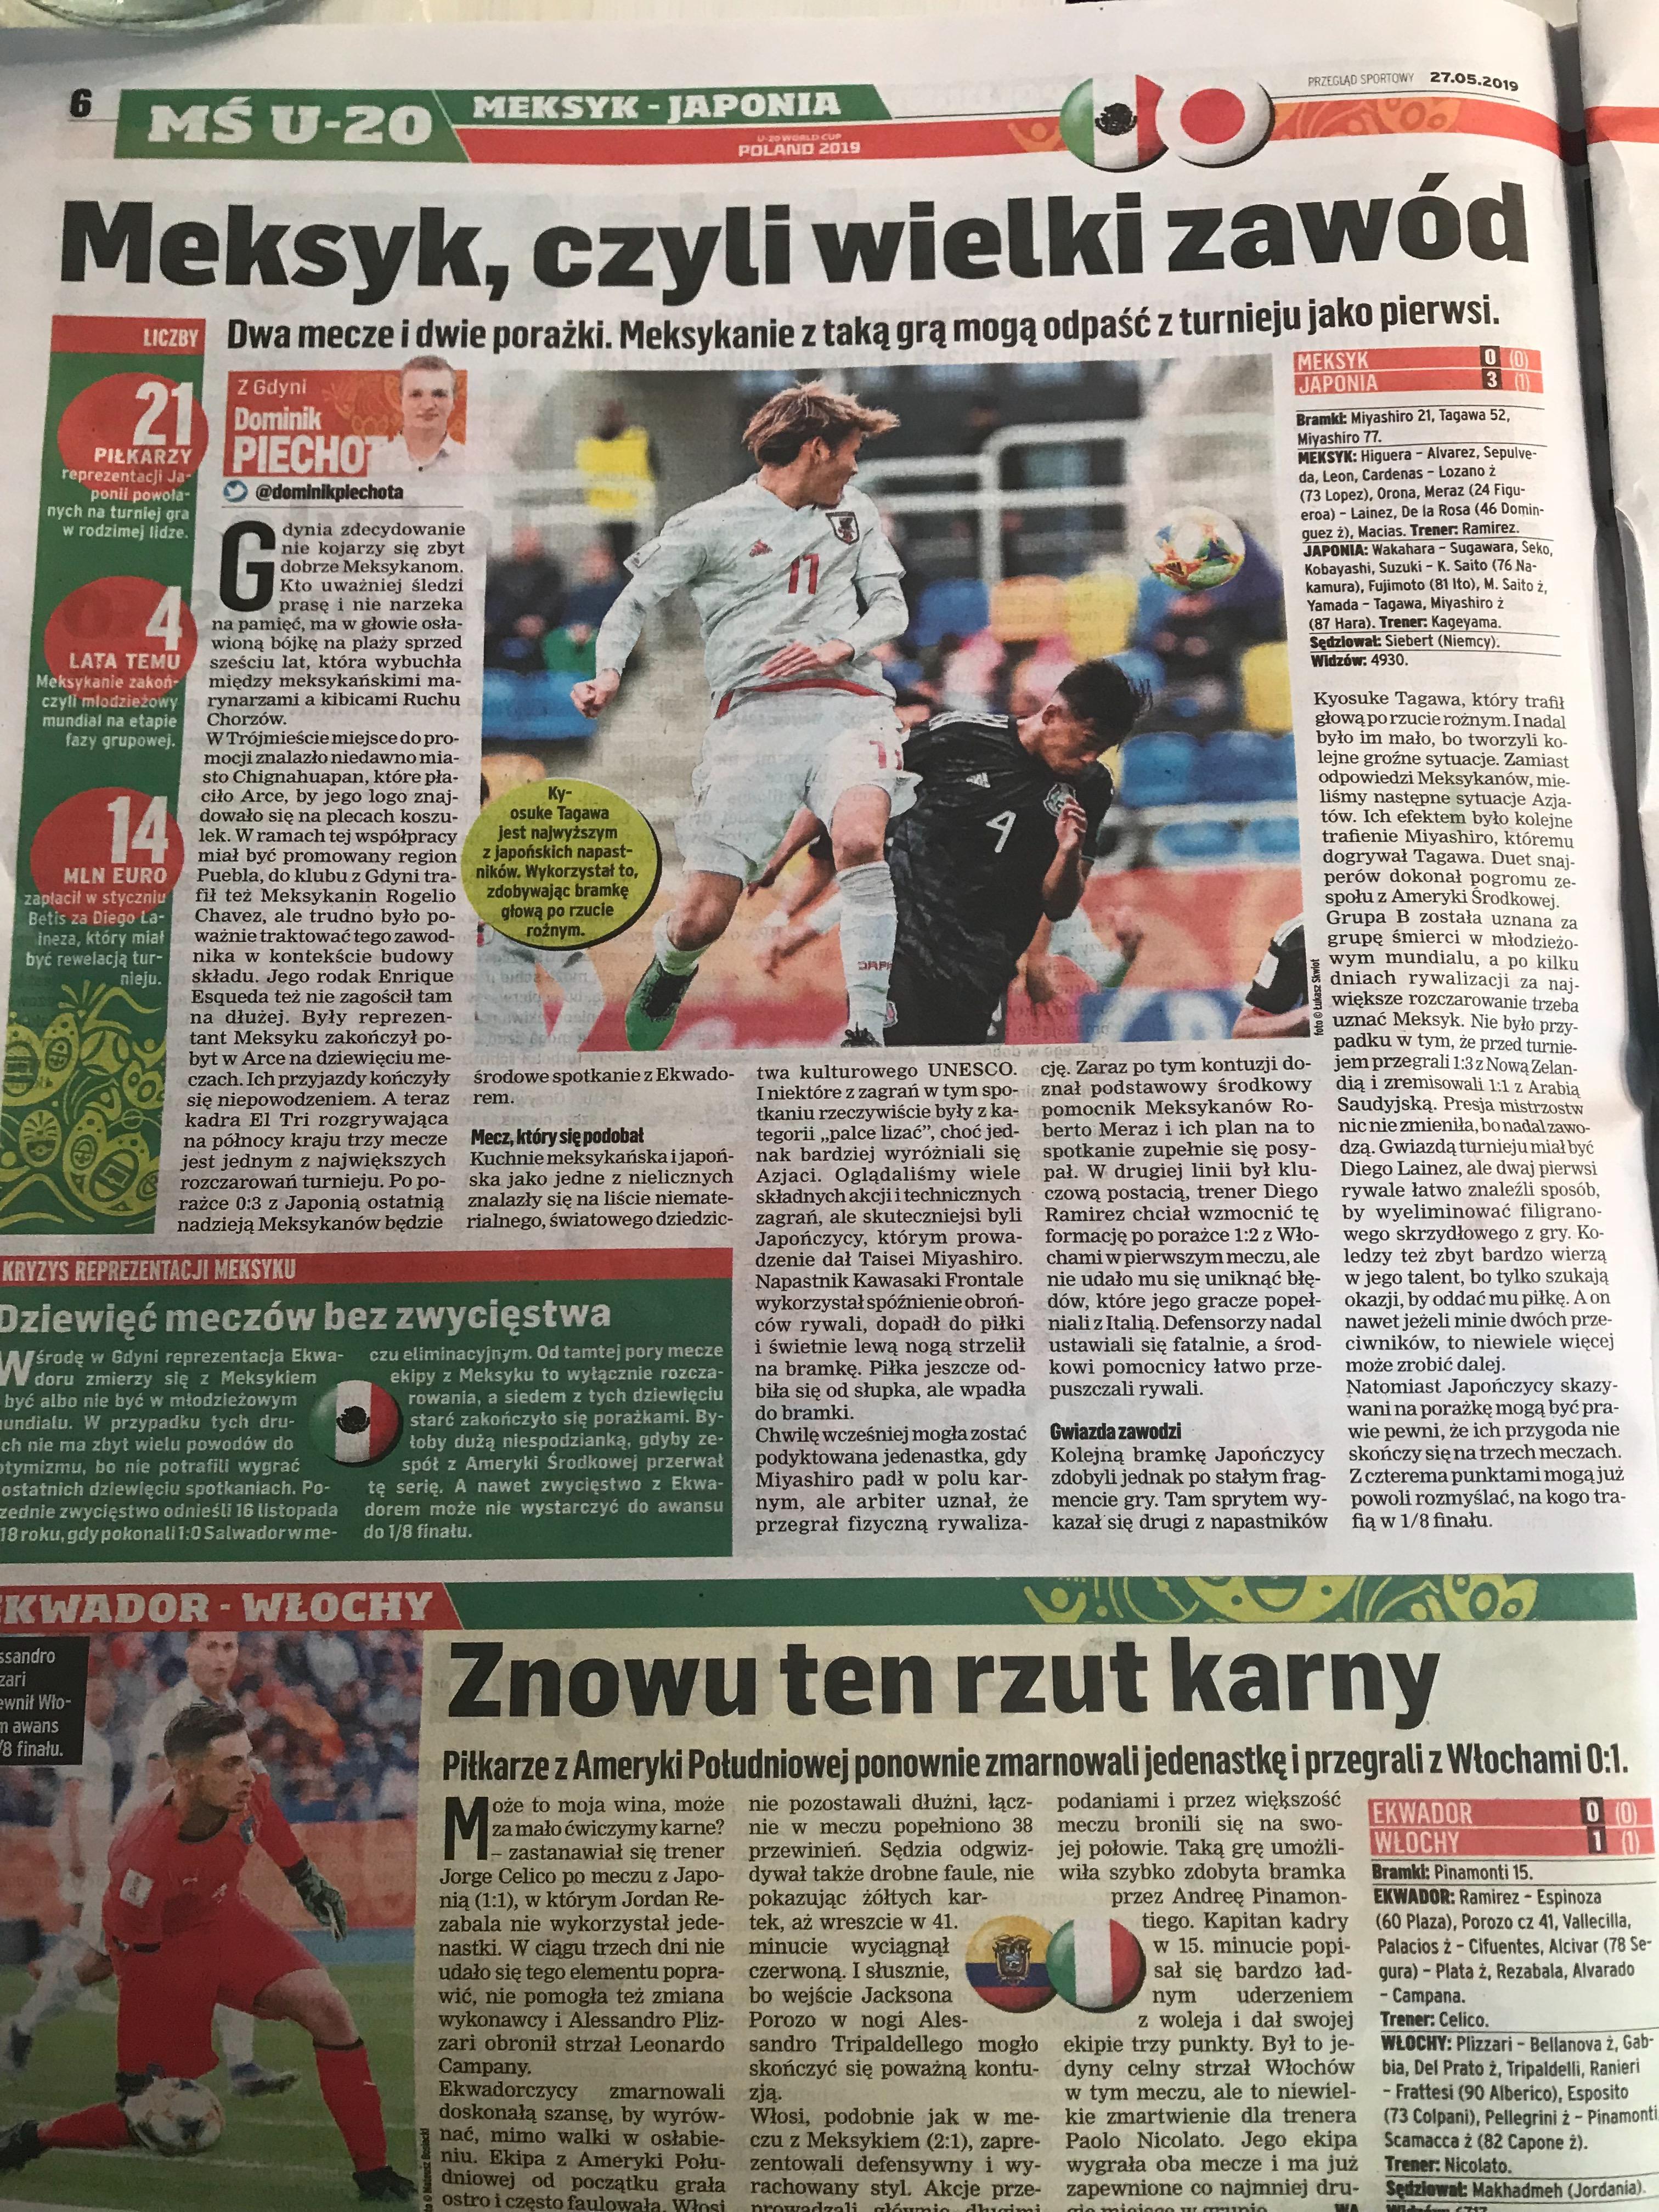 ポーランド地元紙「PRZEGLAD SPORTOWY」は、チームを勝利に導いた2人を称賛している【画像:林遼平】